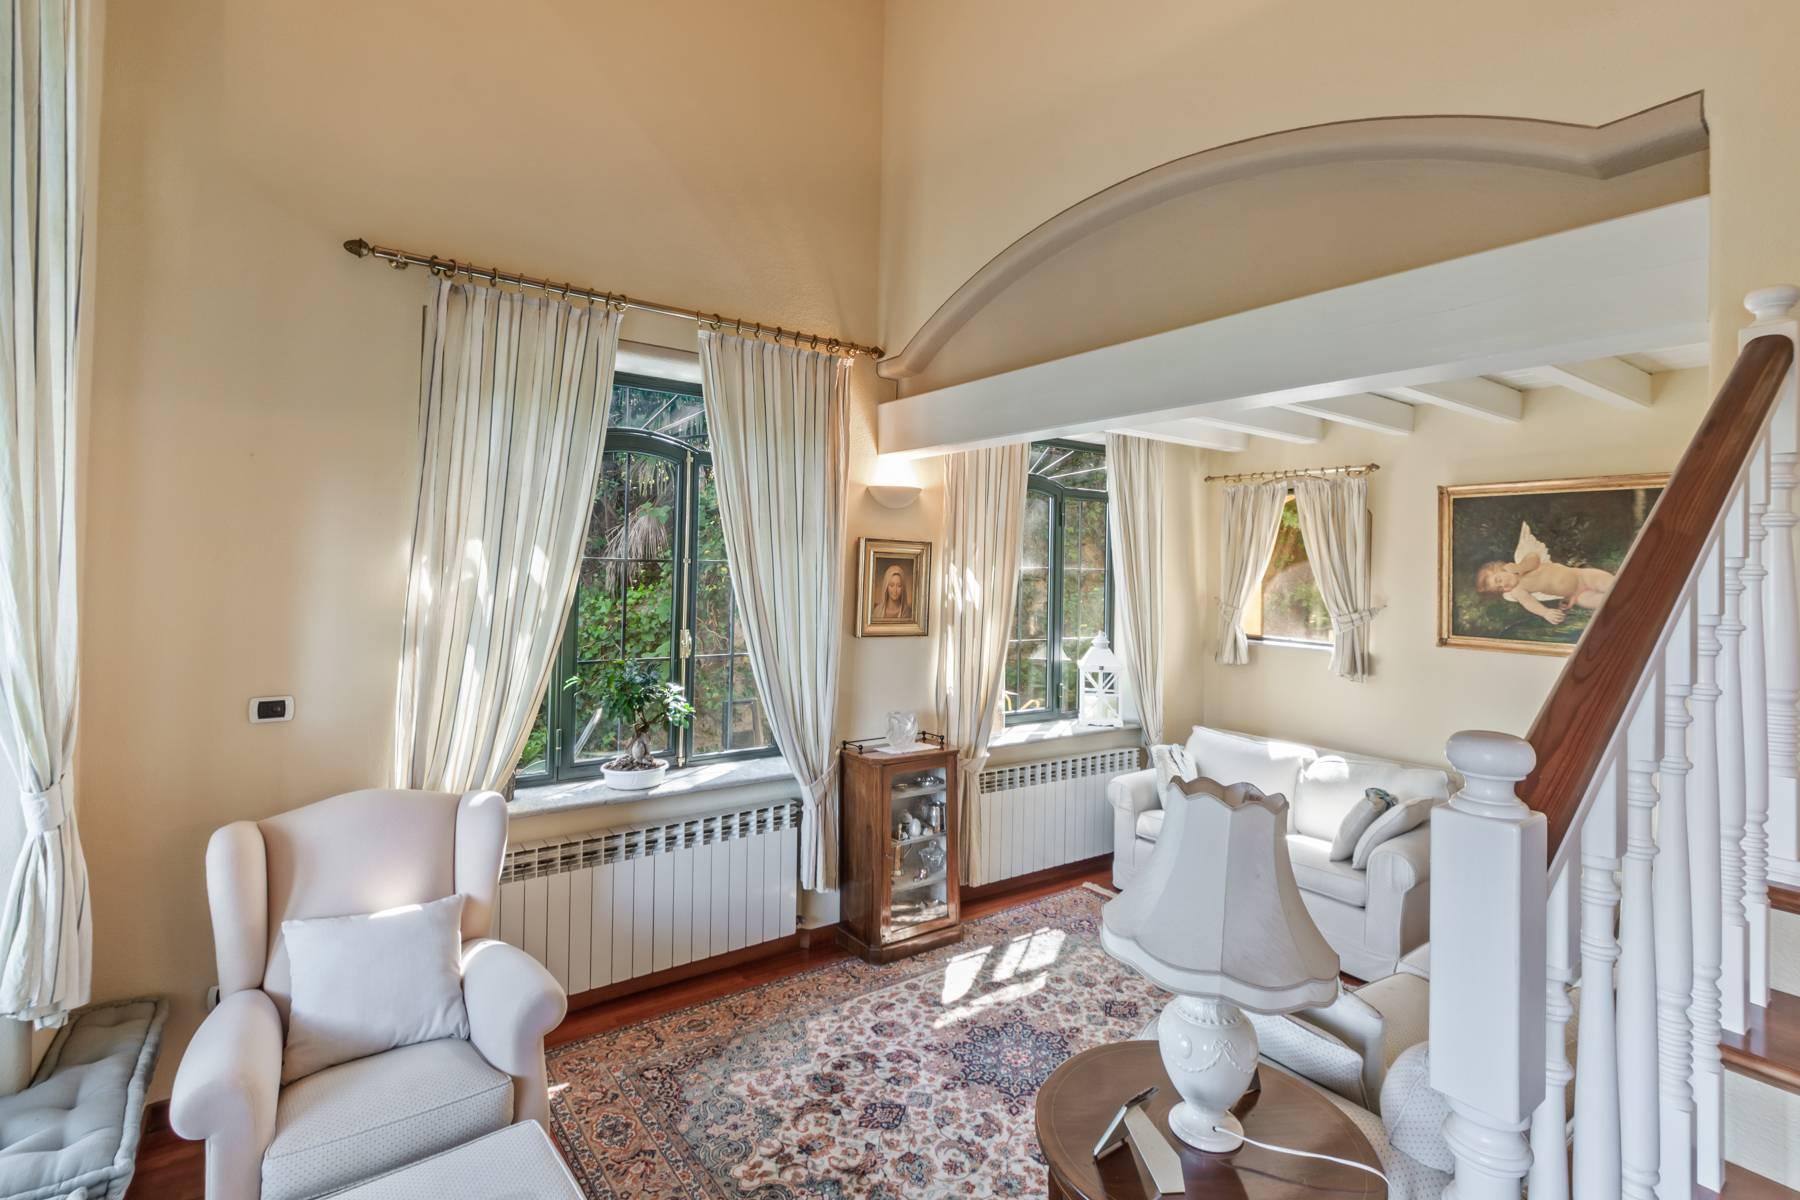 Villa in Vendita a Meina: 5 locali, 250 mq - Foto 10